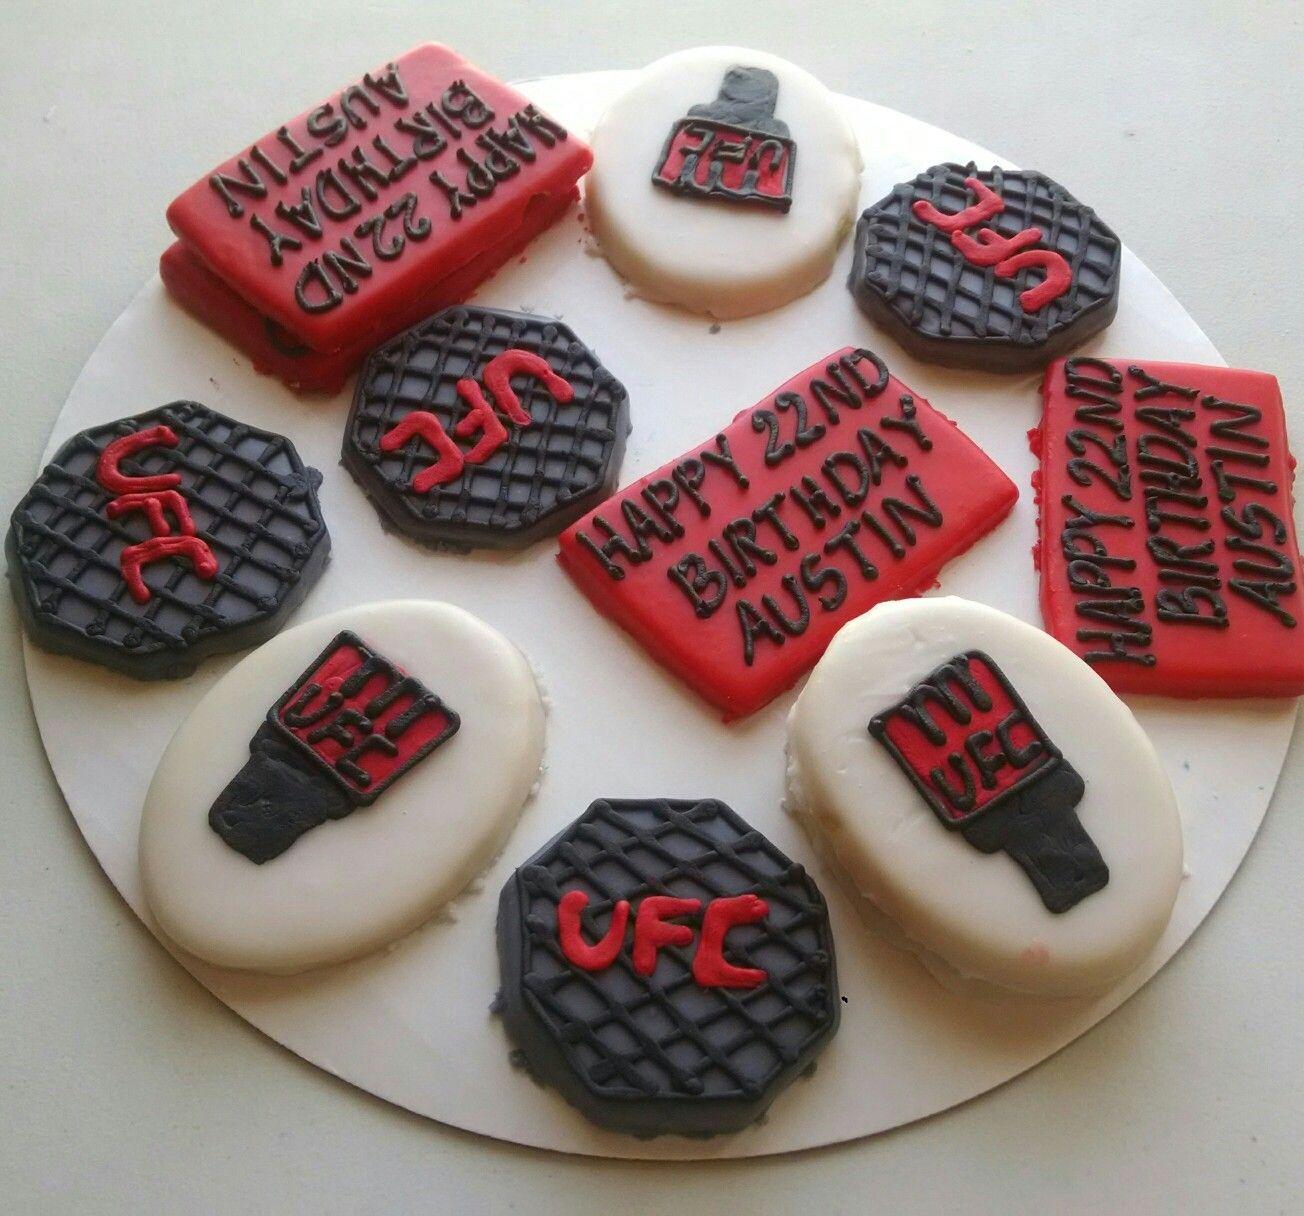 Ufc Cookies Cookies Shop Happy 22nd Birthday Sugar Cookies